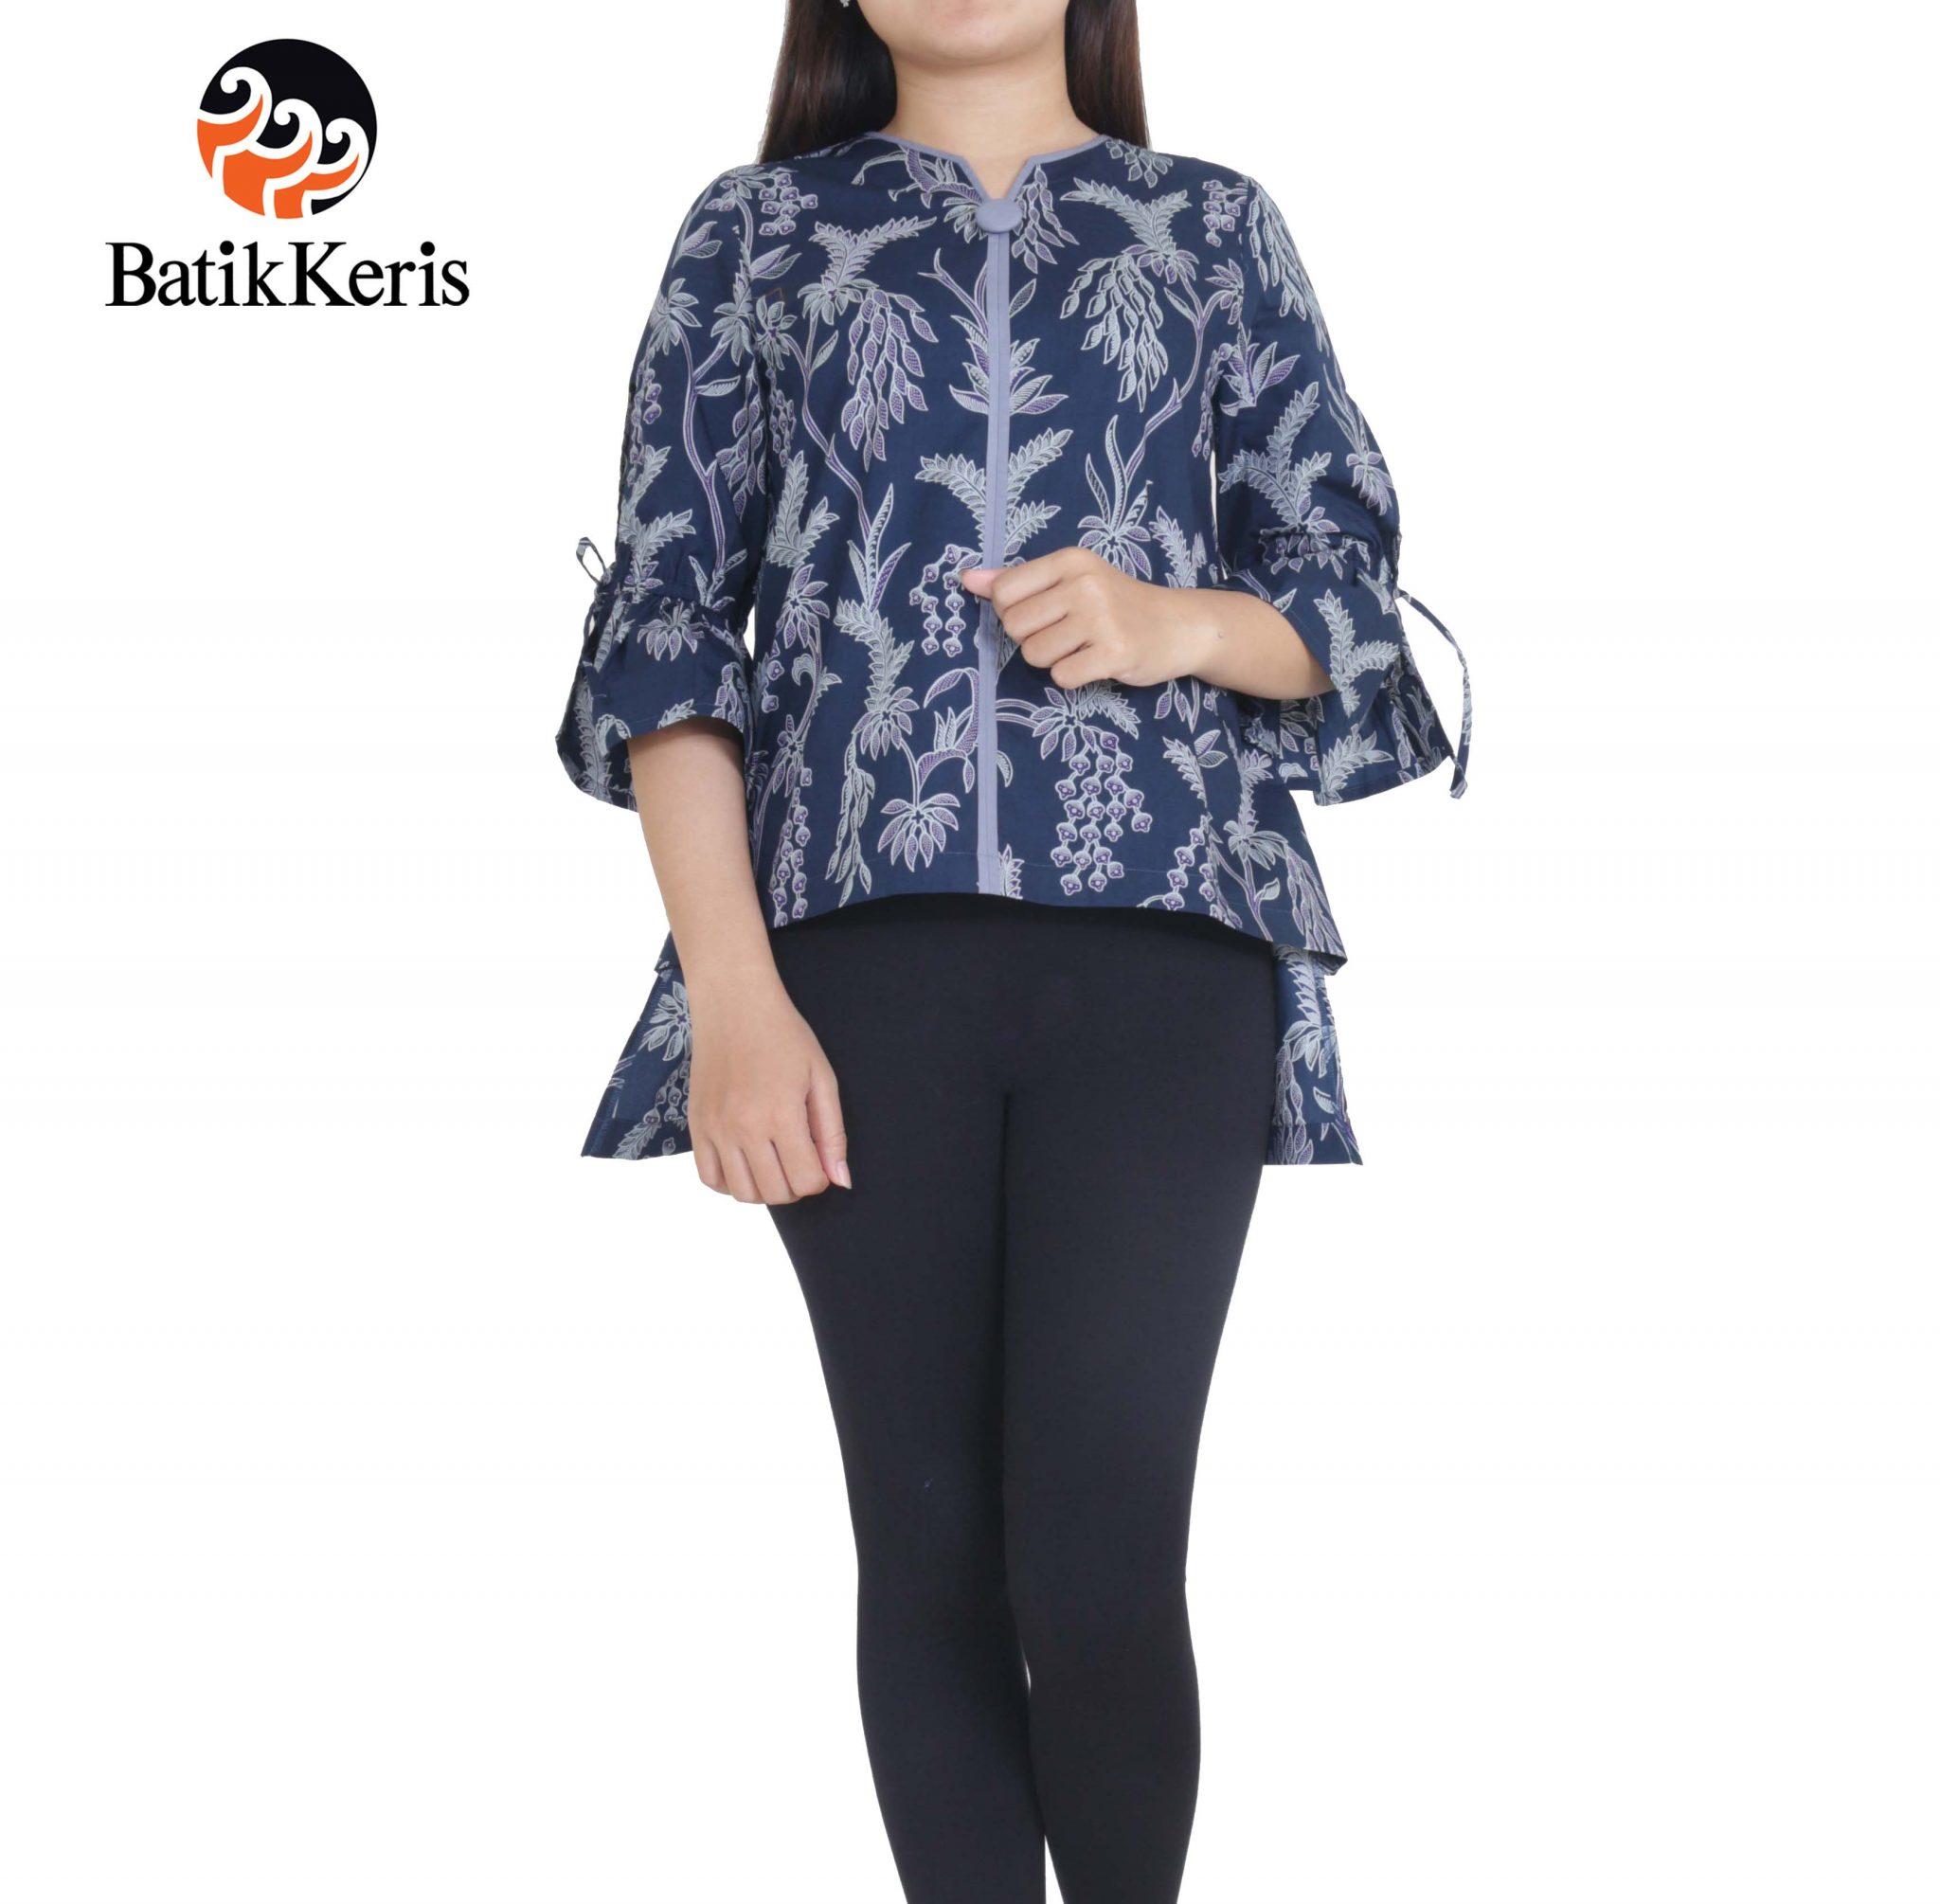 Batik Keris Online » BLOUSE LENGAN 3 4 KATUN MOTIF PUSPO SUMULUR 279a8d220d